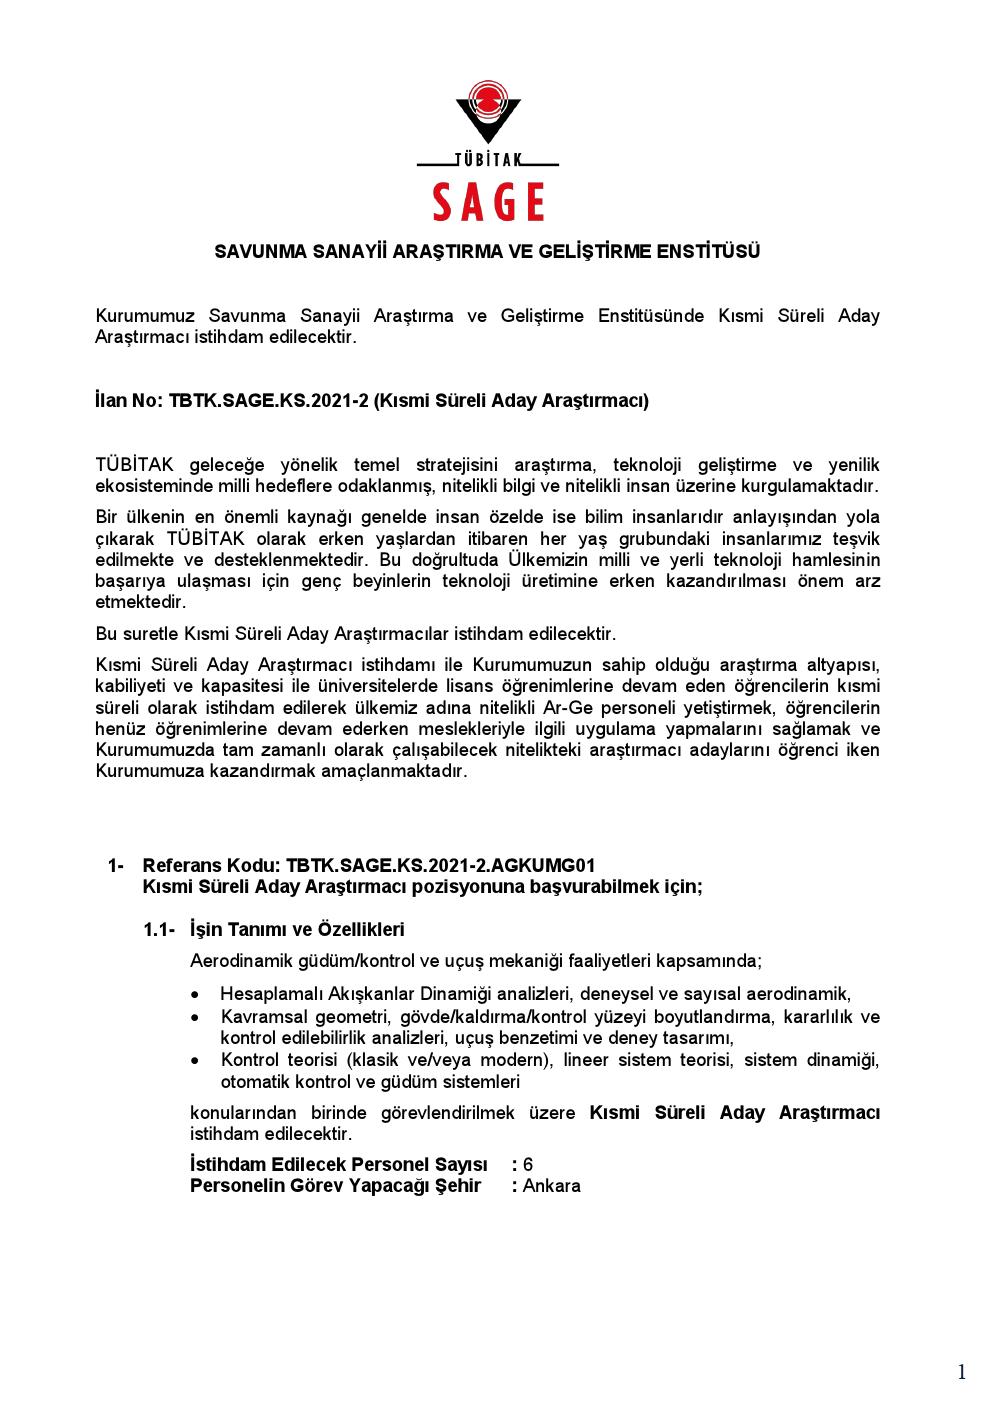 ankara-tubitak-sage-26-04-2021-000002.png